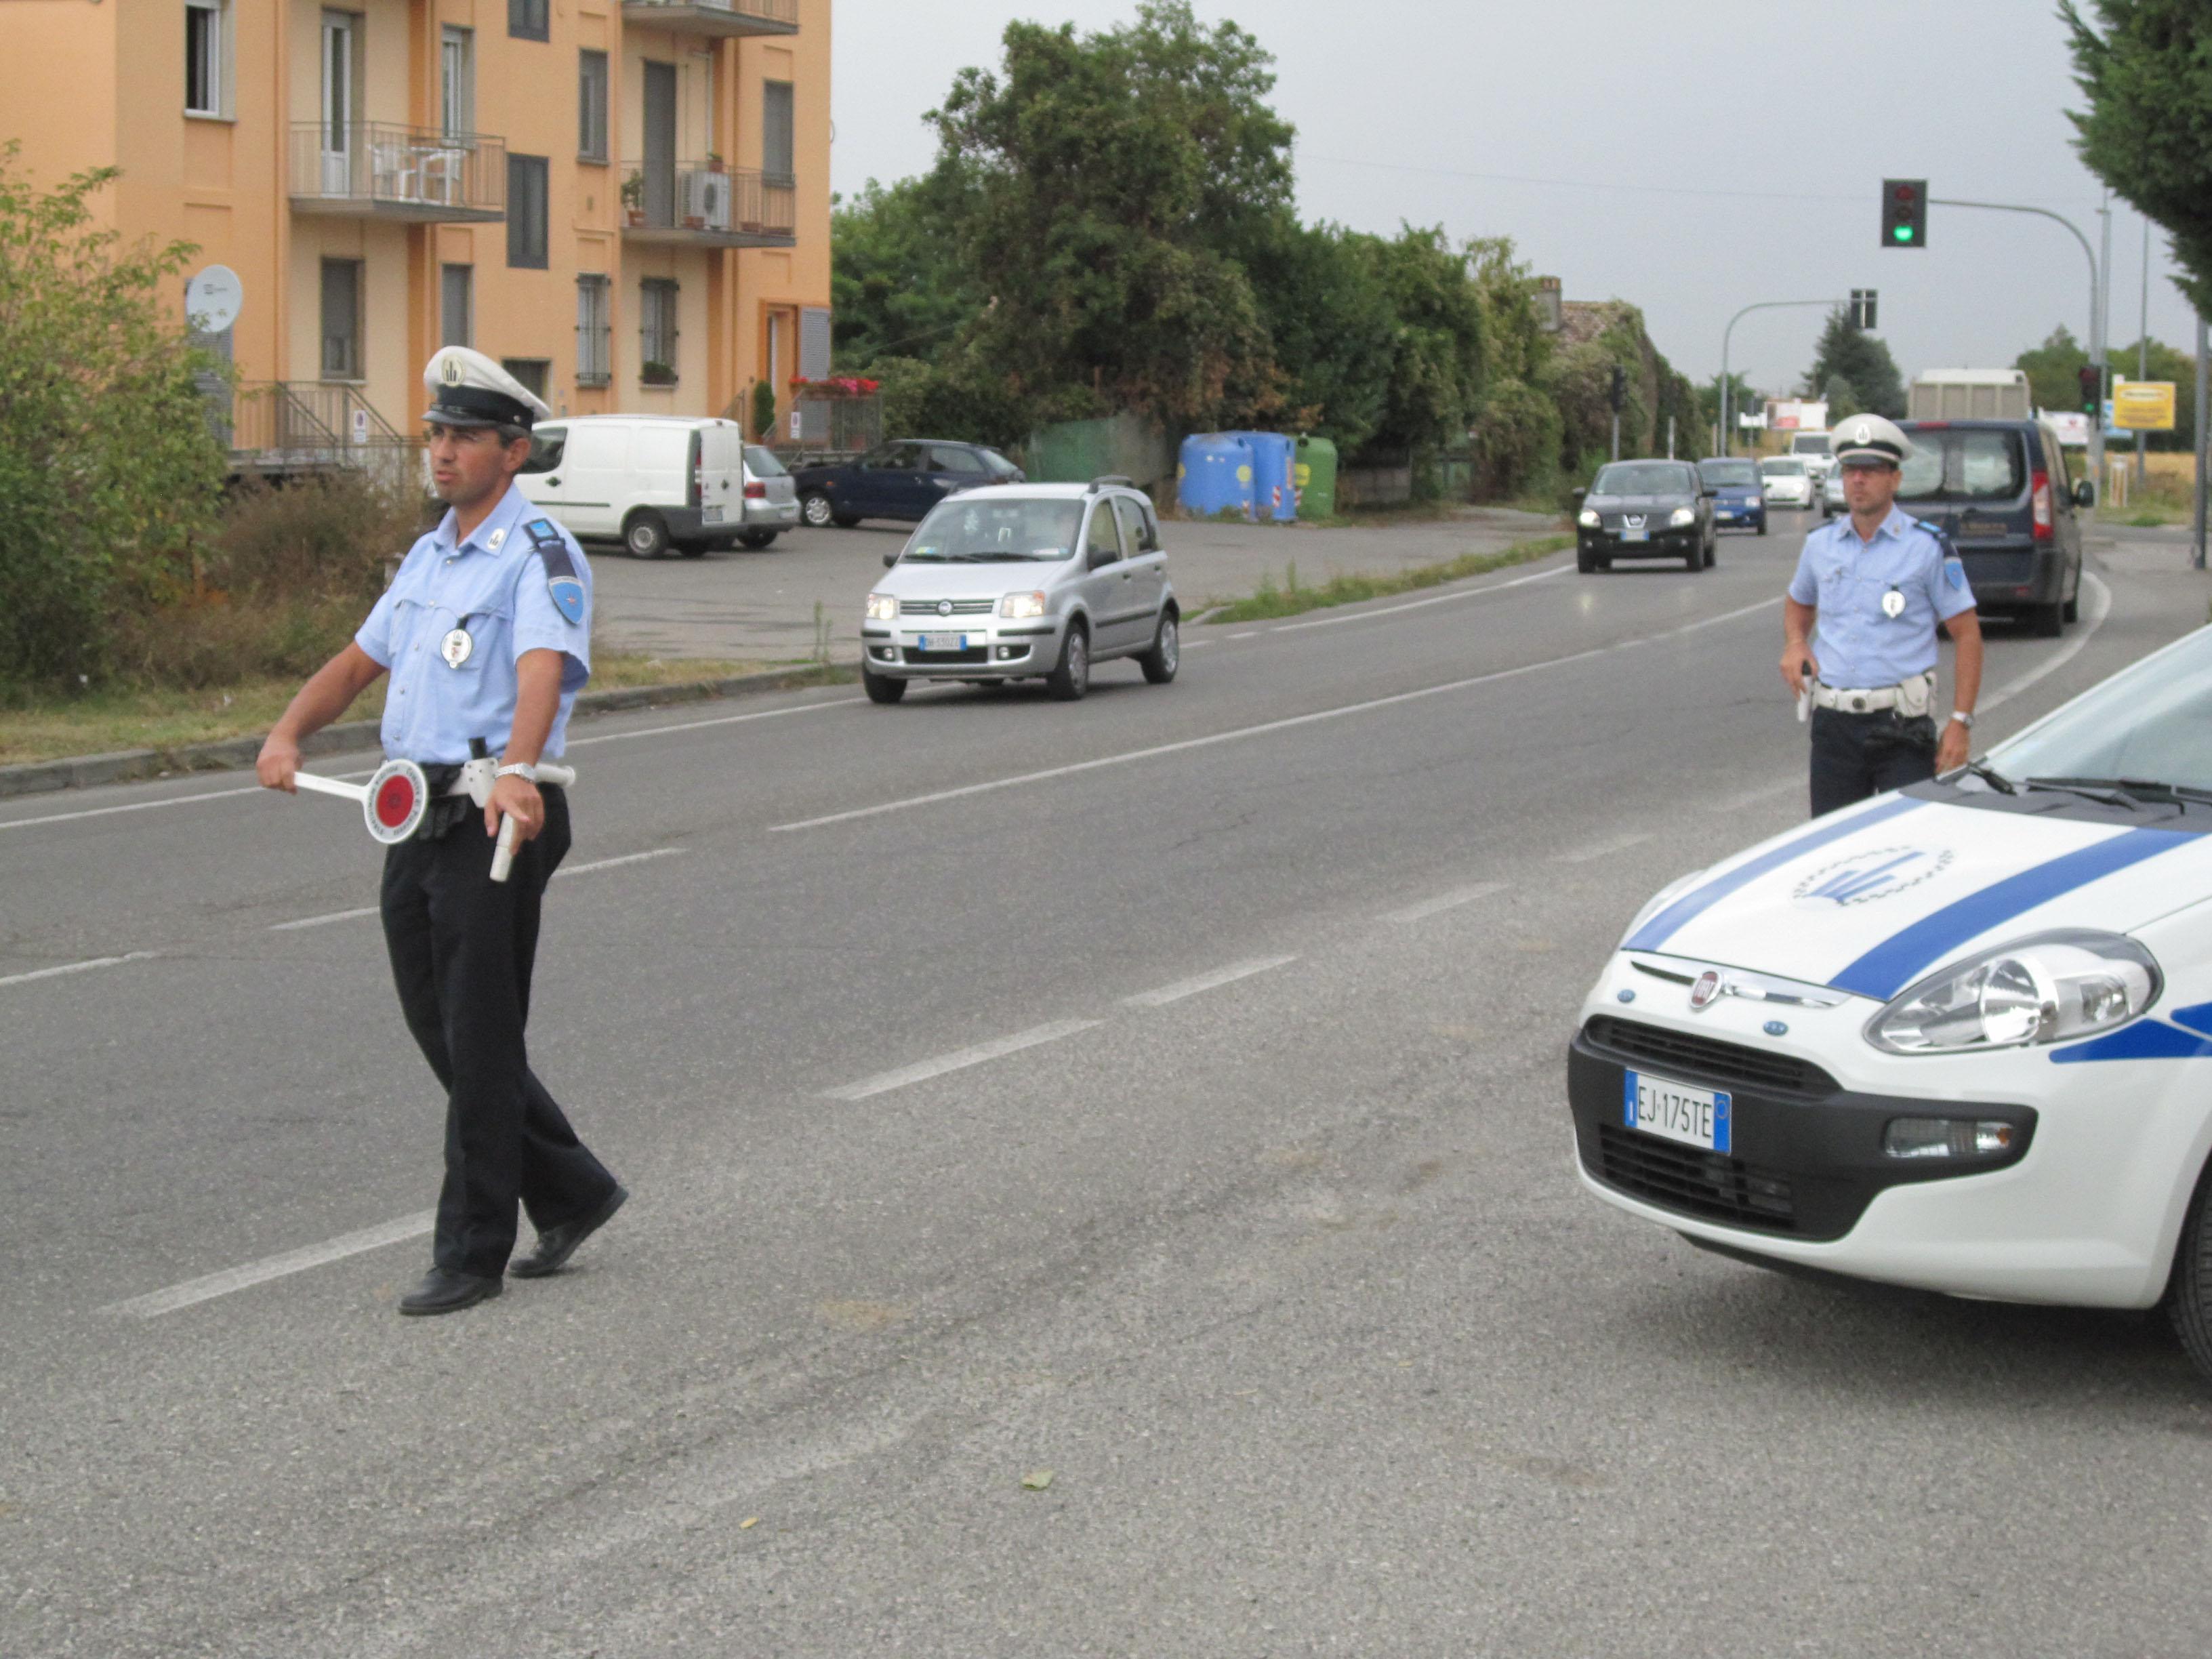 controlli polizia municipale vigili urbani